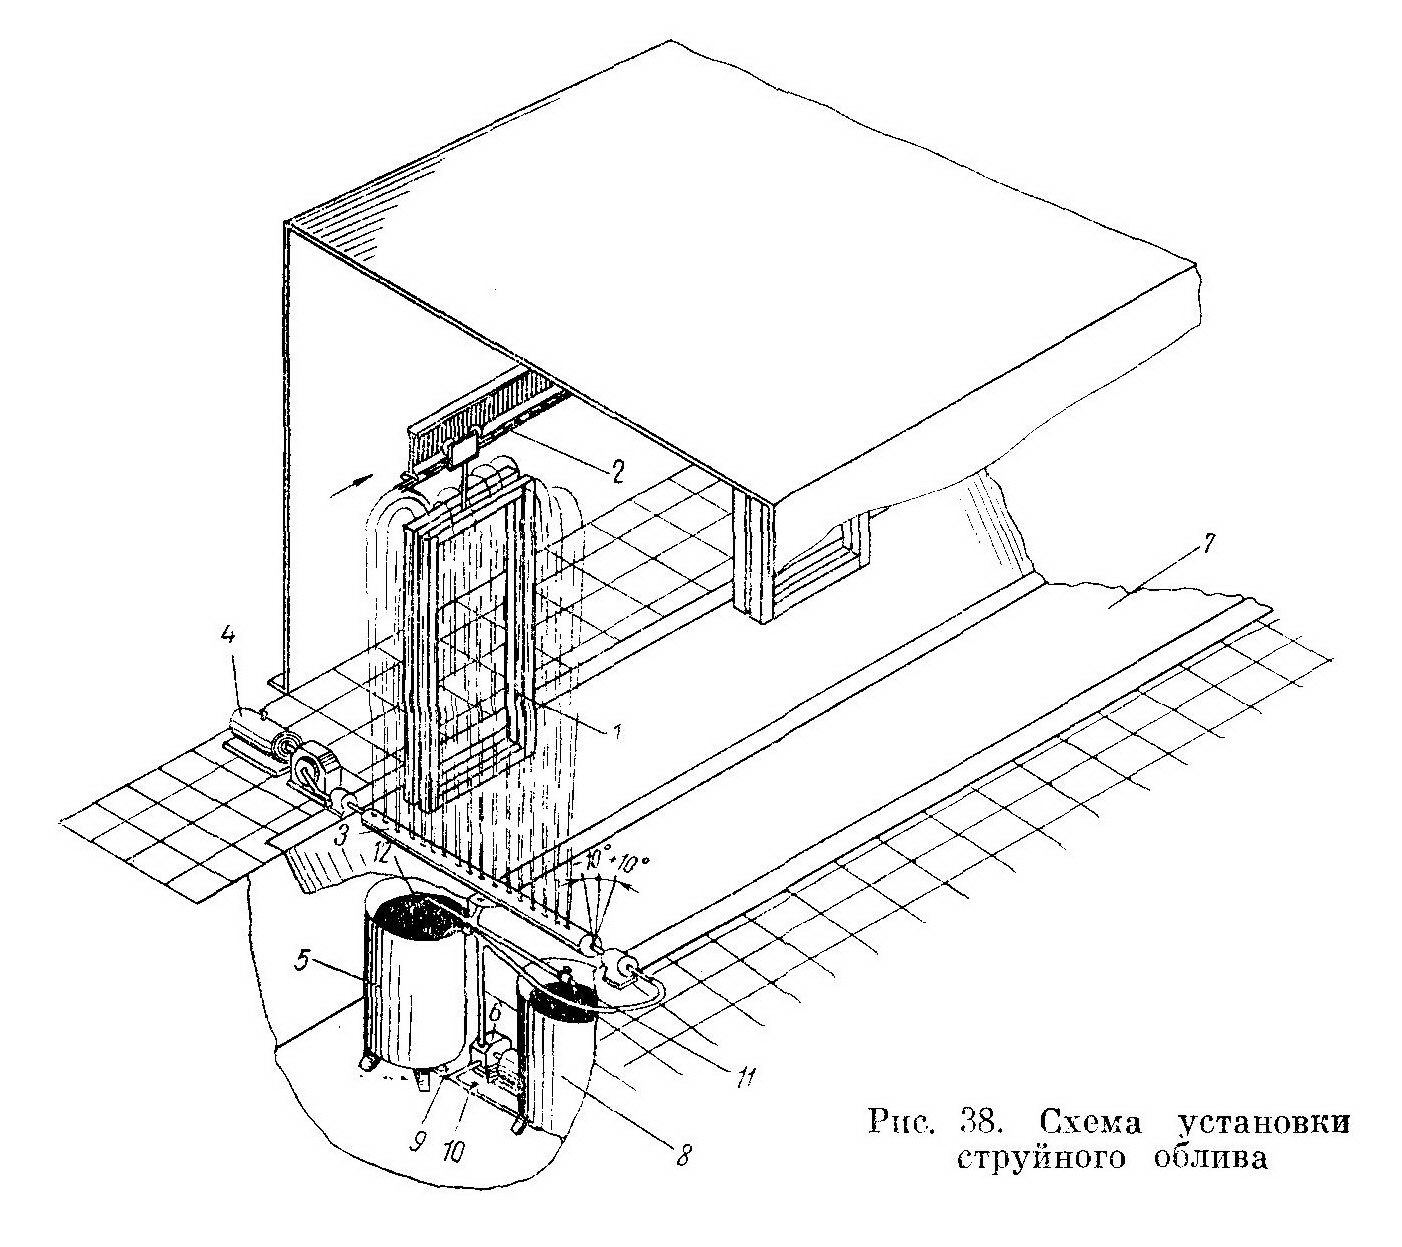 Принцип работы установок струйного облива  - Разное фото